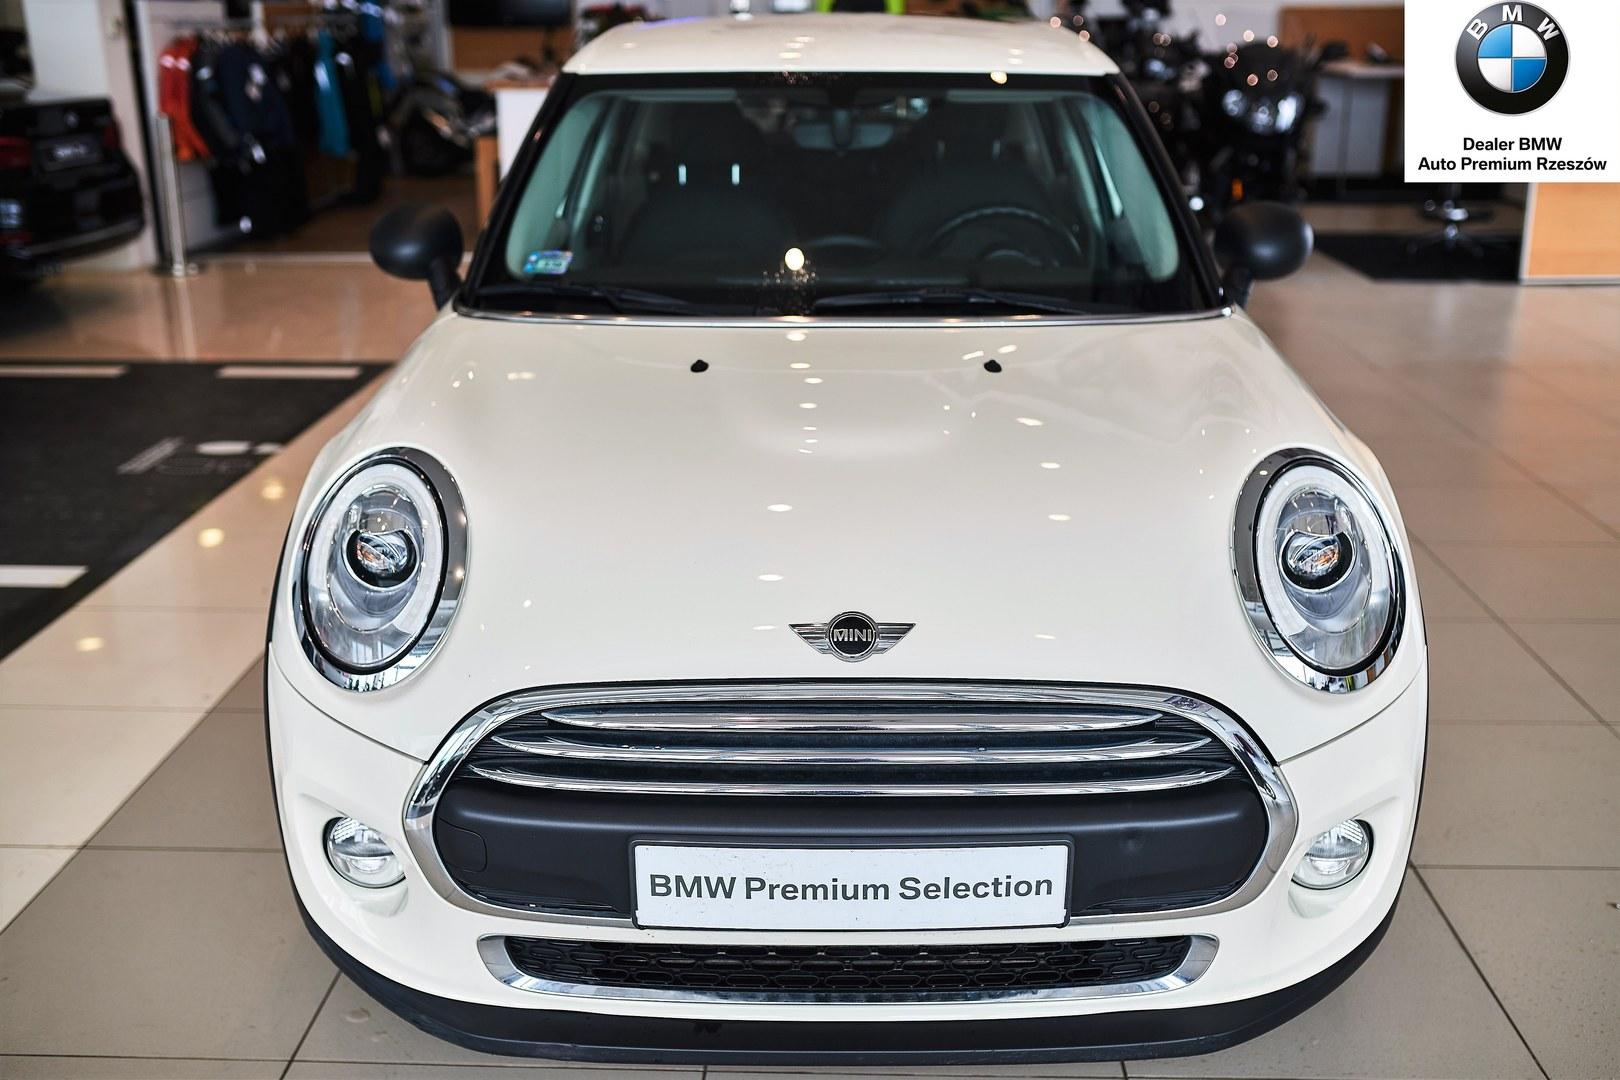 Mini 5 Drzwiowe One Biały Autoryzowany Serwis Bmw Auto Premium świlcza